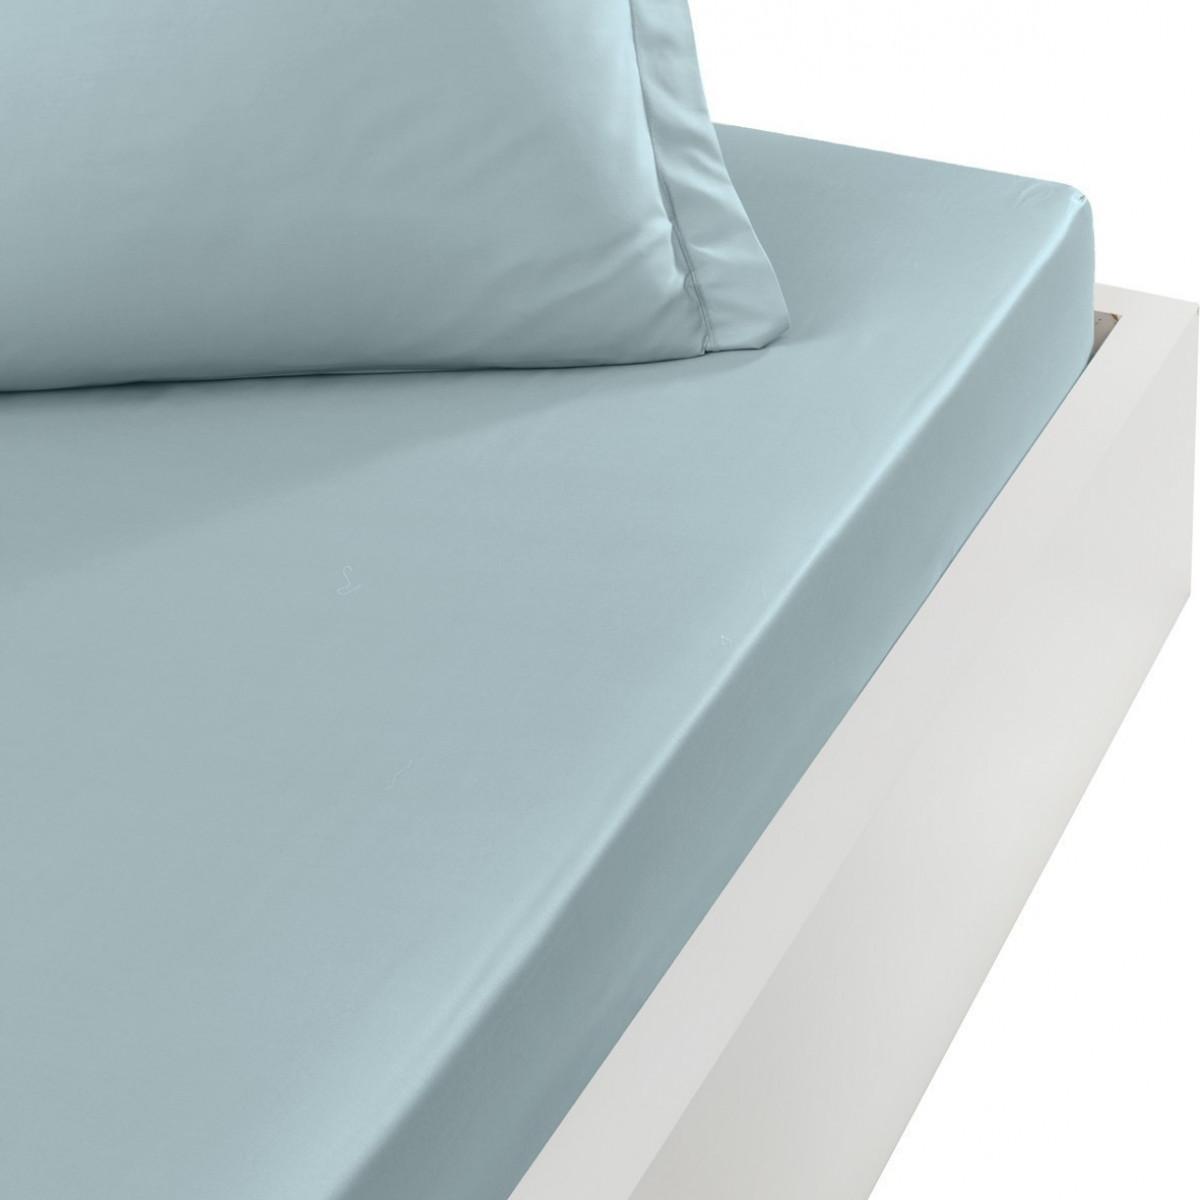 Drap housse en percale de coton bon Bleu Arctic 80x200 cm